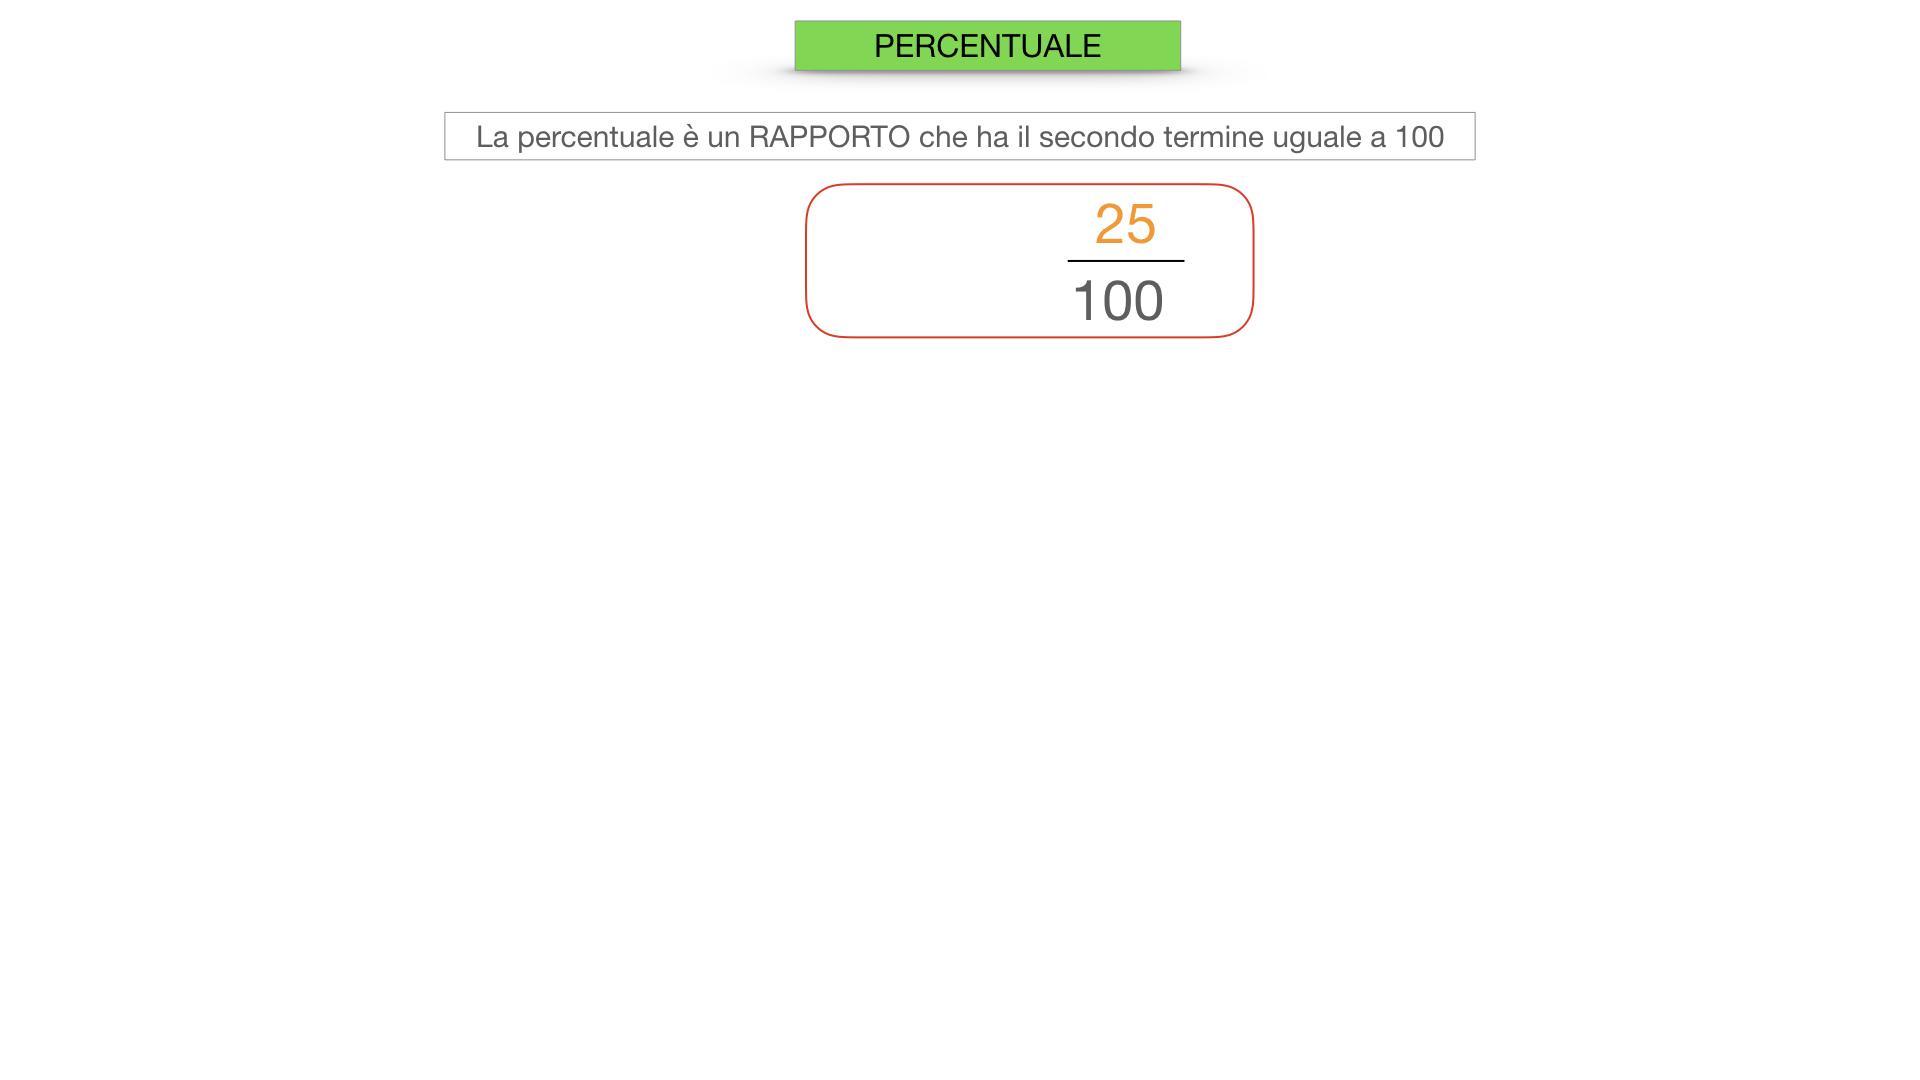 PERCENTUALE_SIMULAZIONE.004